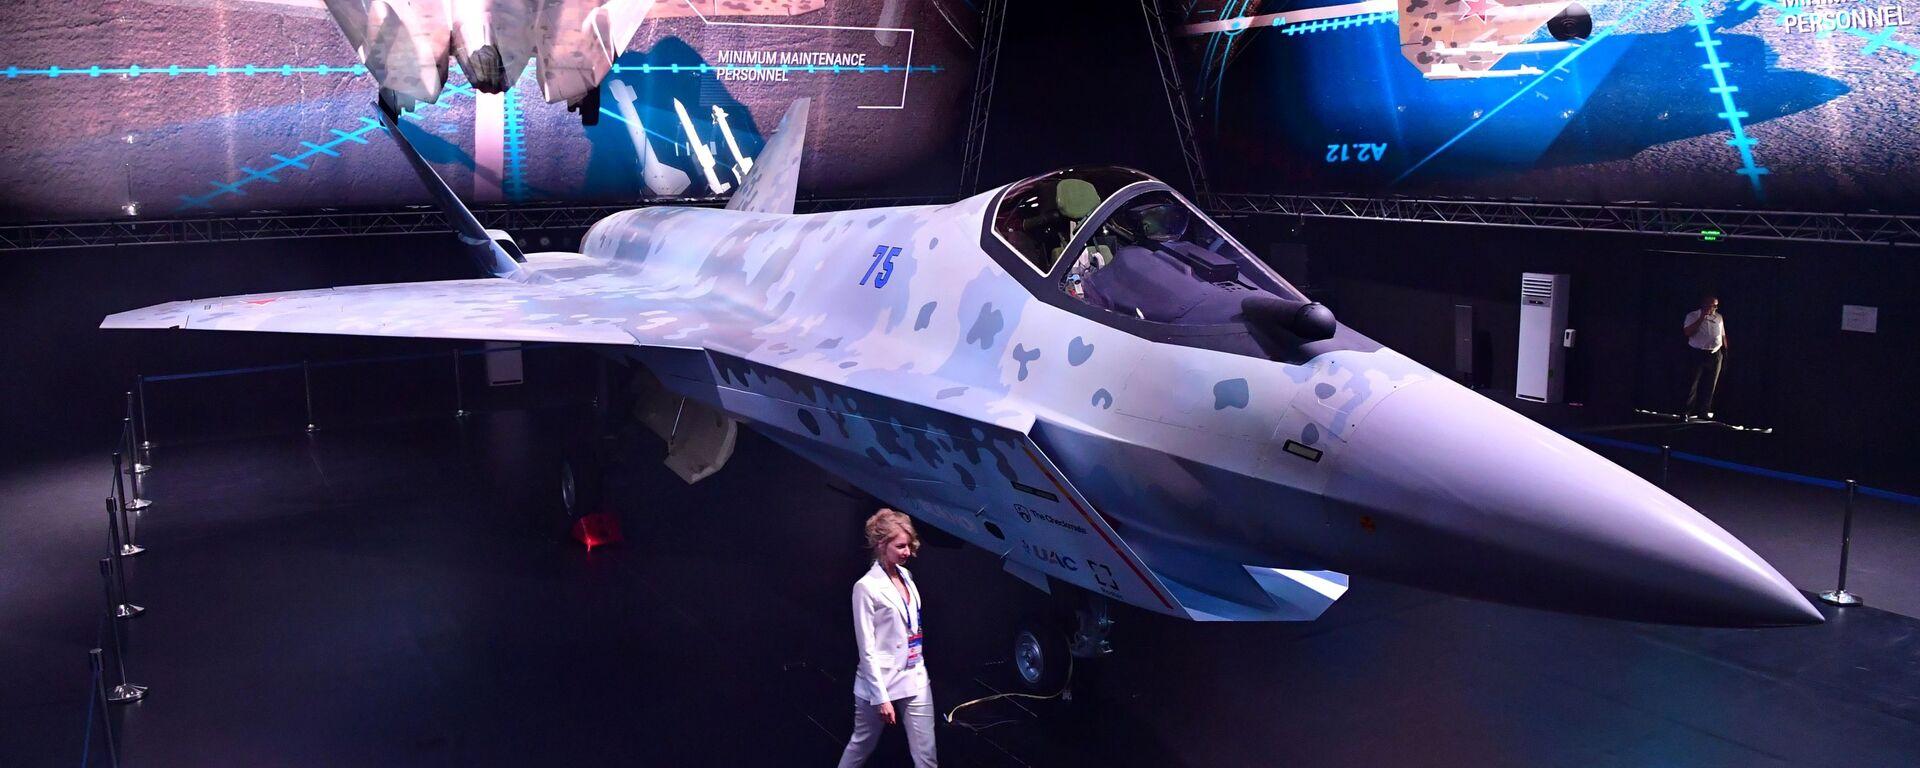 Презентация нового военного самолета Checkmate на МАКС-2021 - Sputnik Mundo, 1920, 21.07.2021